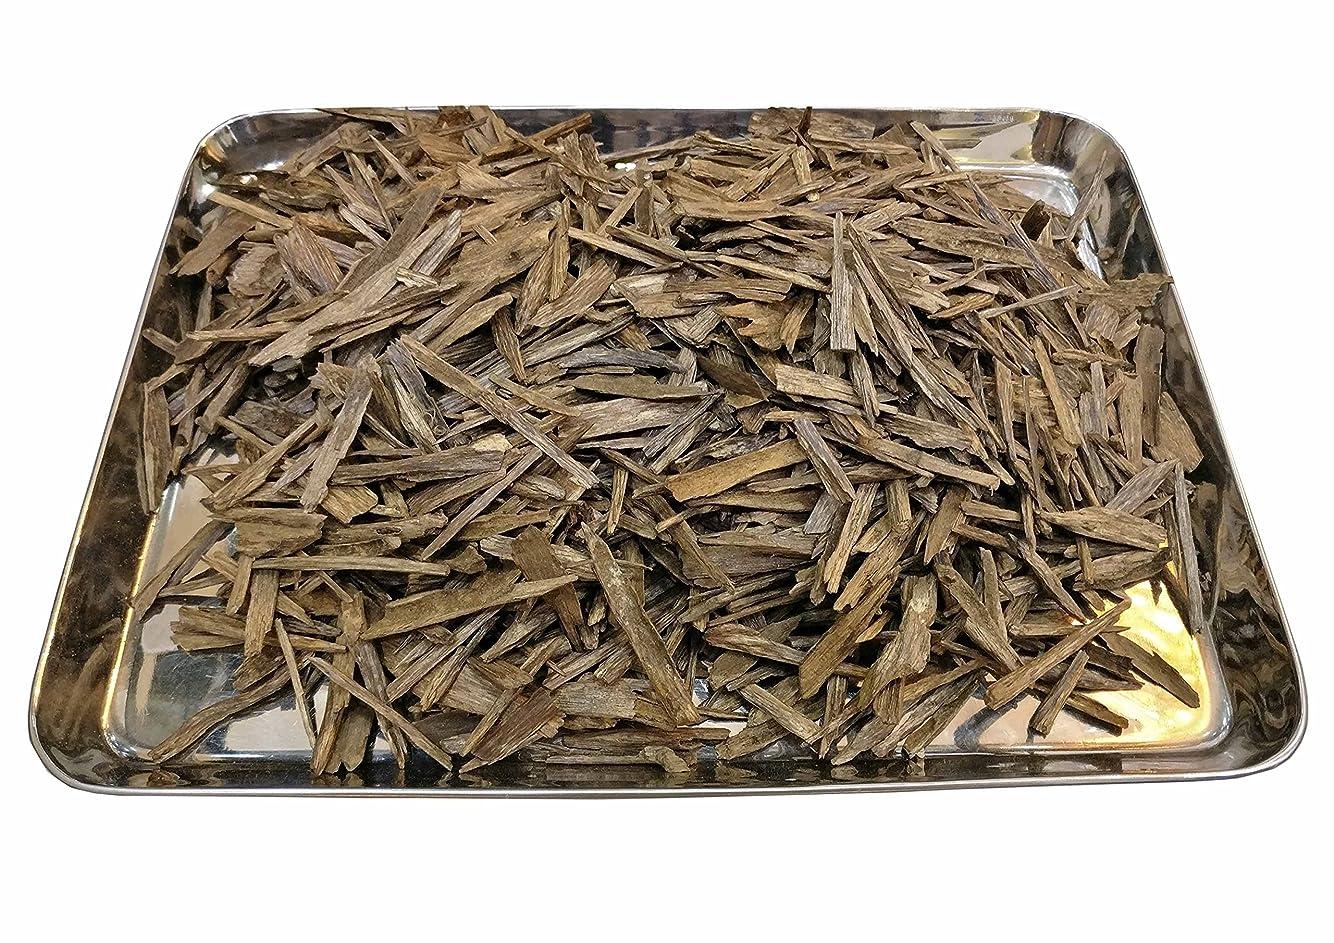 秘書甘くするグラディスAgarwood /インドOudh 1?kg特別仕様Selected Pieces。Wholesale Lot。期間限定キャンペーン。